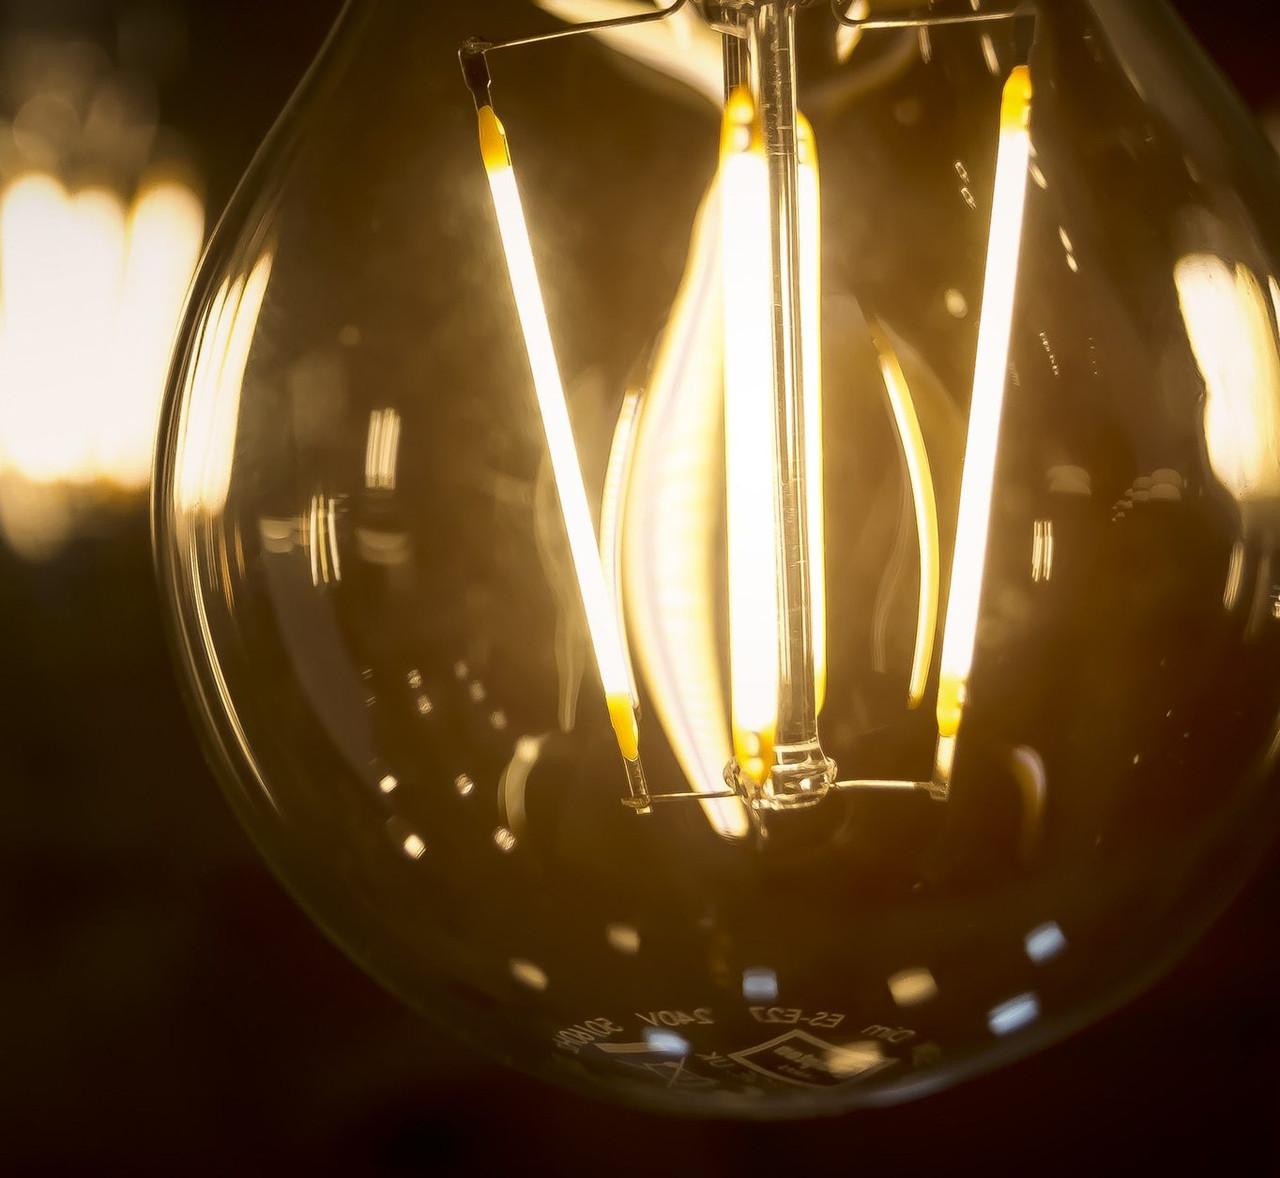 LED A65 14 Watt Light Bulbs